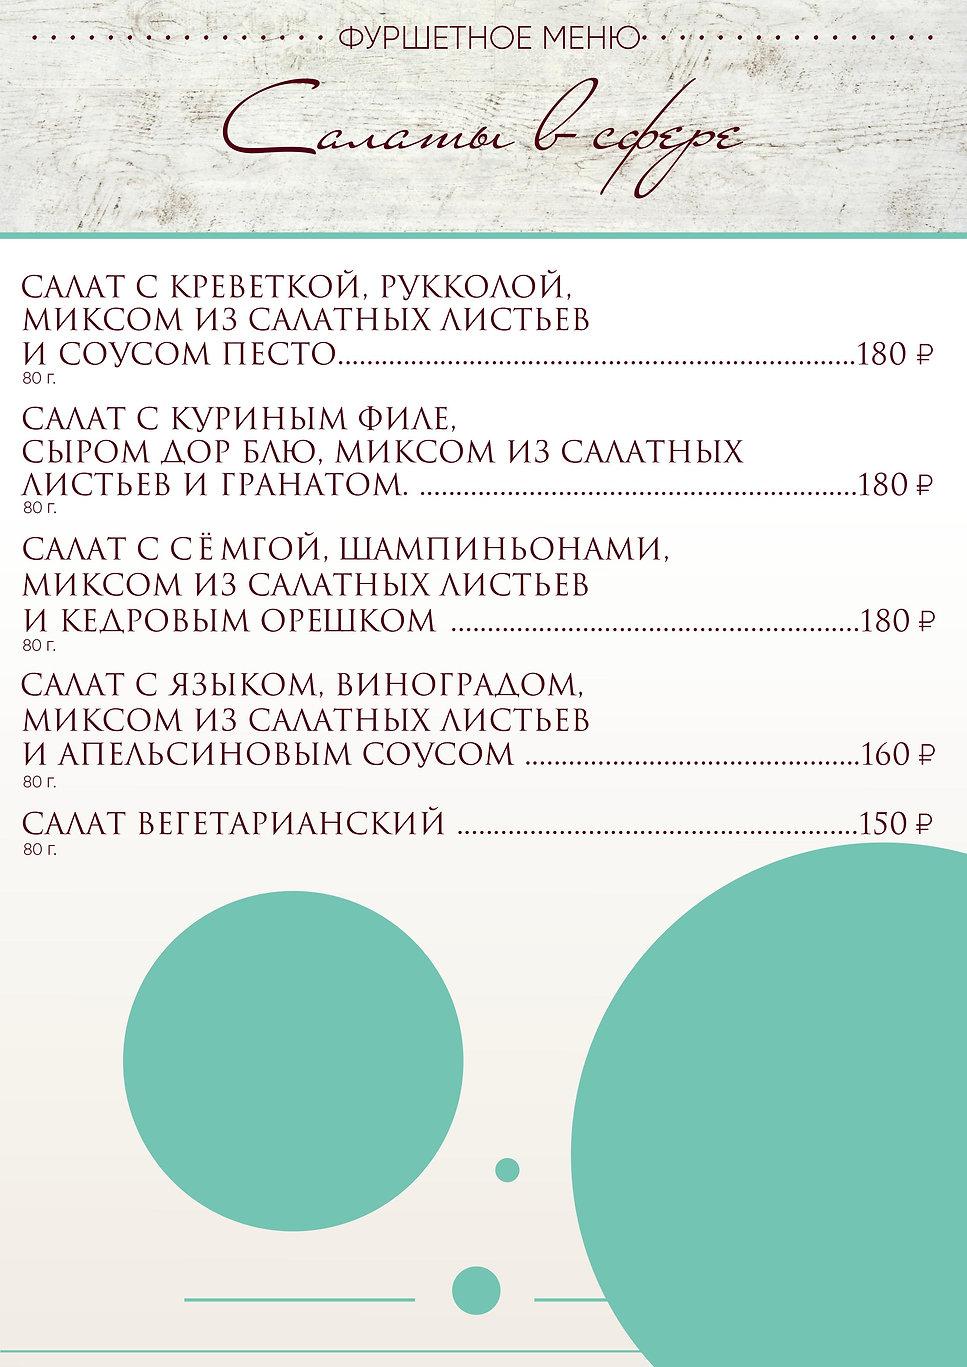 фуршетное меню - 10-2.jpg